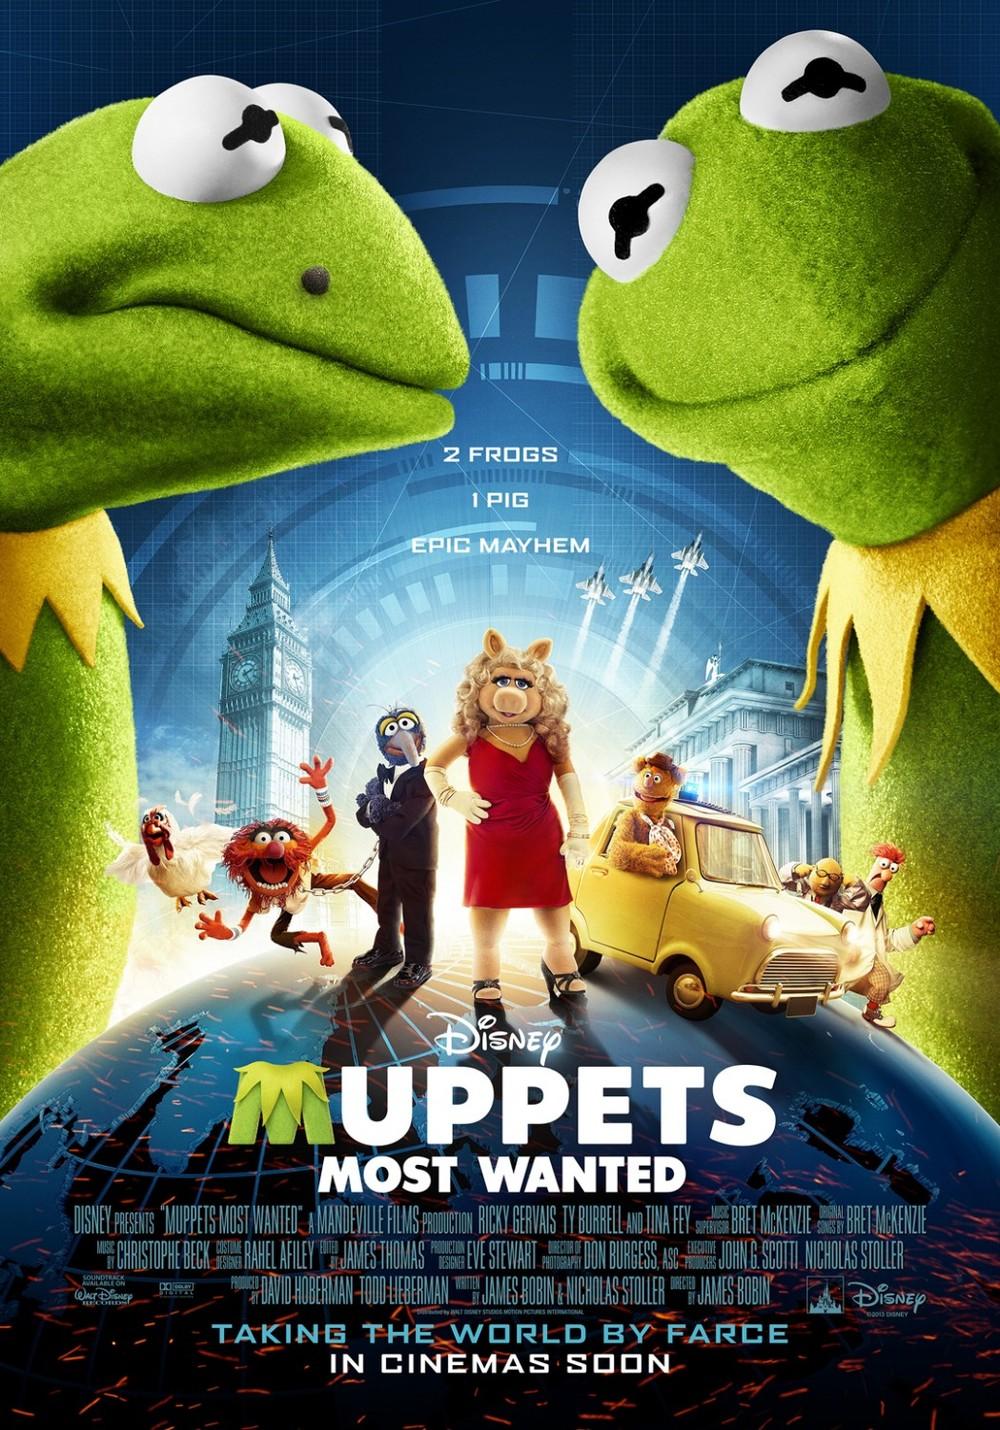 Muppets Most Wanted DVD Release Date | Redbox, Netflix ...